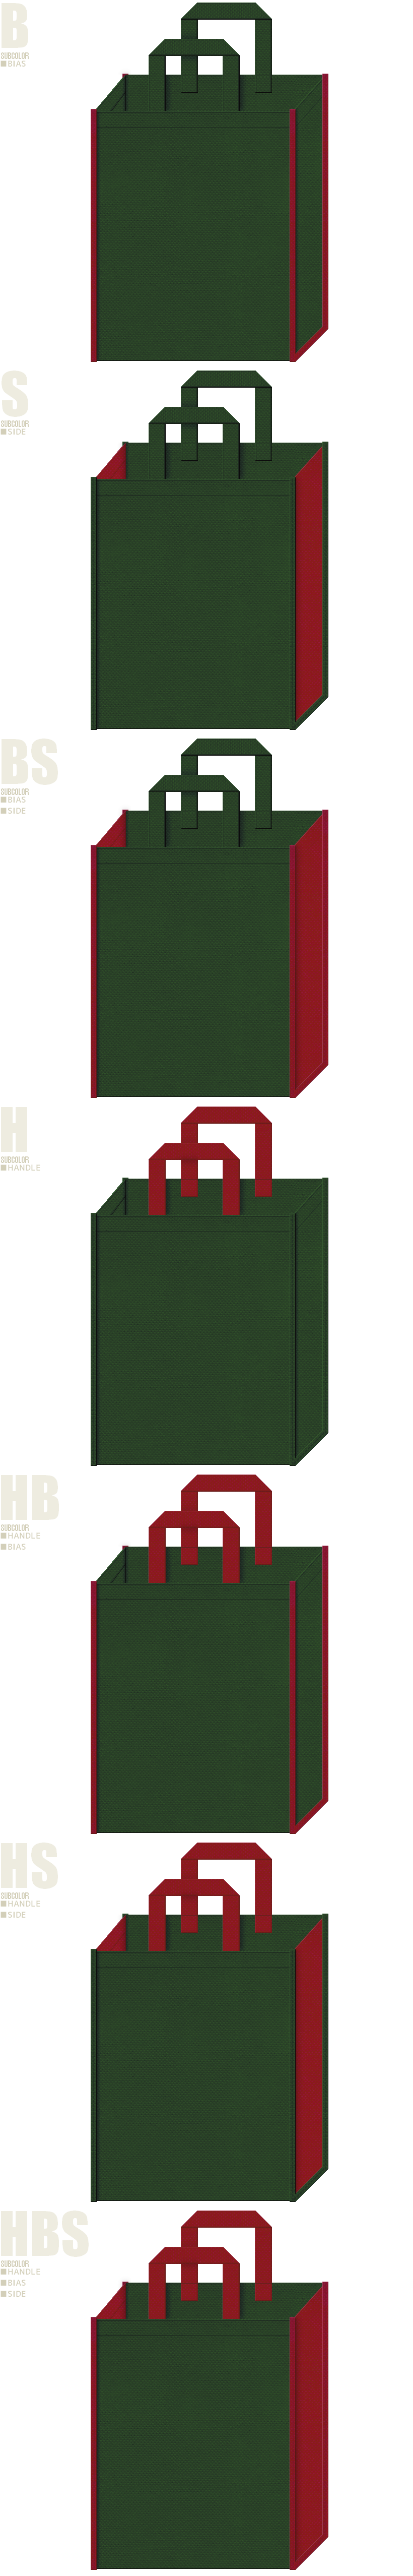 濃緑色とエンジ色、7パターンの不織布トートバッグ配色デザイン例。和風催事・ゲームのバッグノベルティにお奨めです。振袖風。